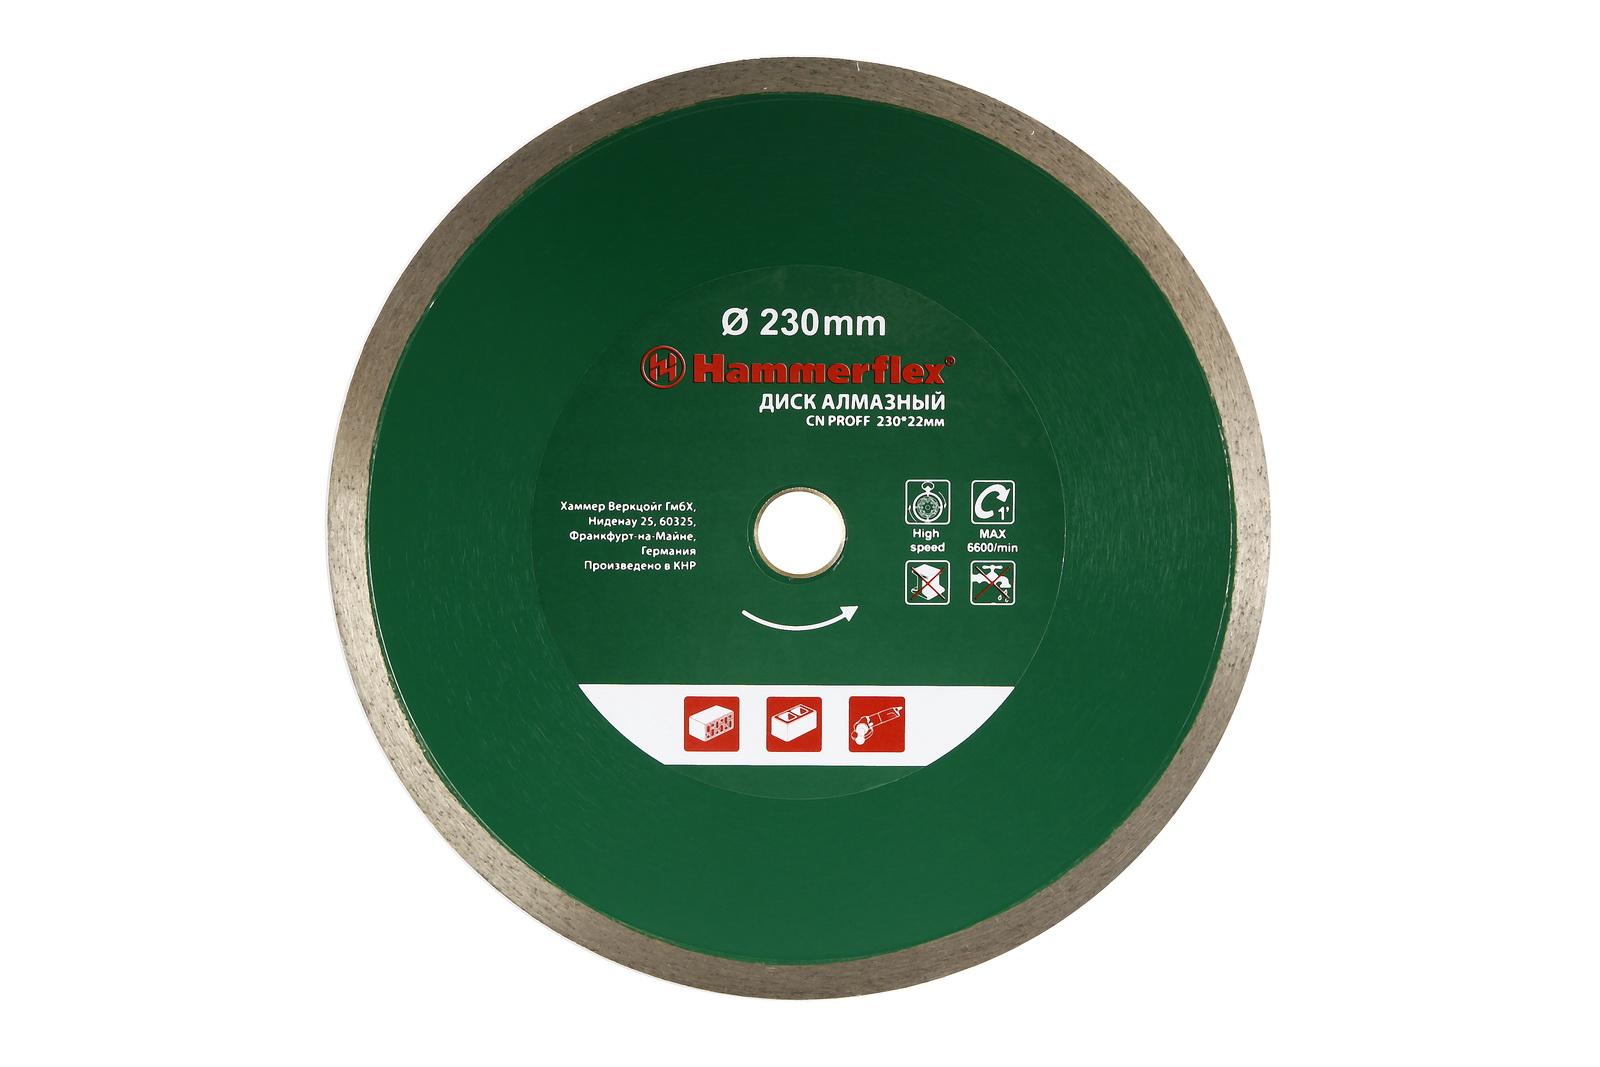 Круг алмазный Hammer 206-150 db cn proff цена